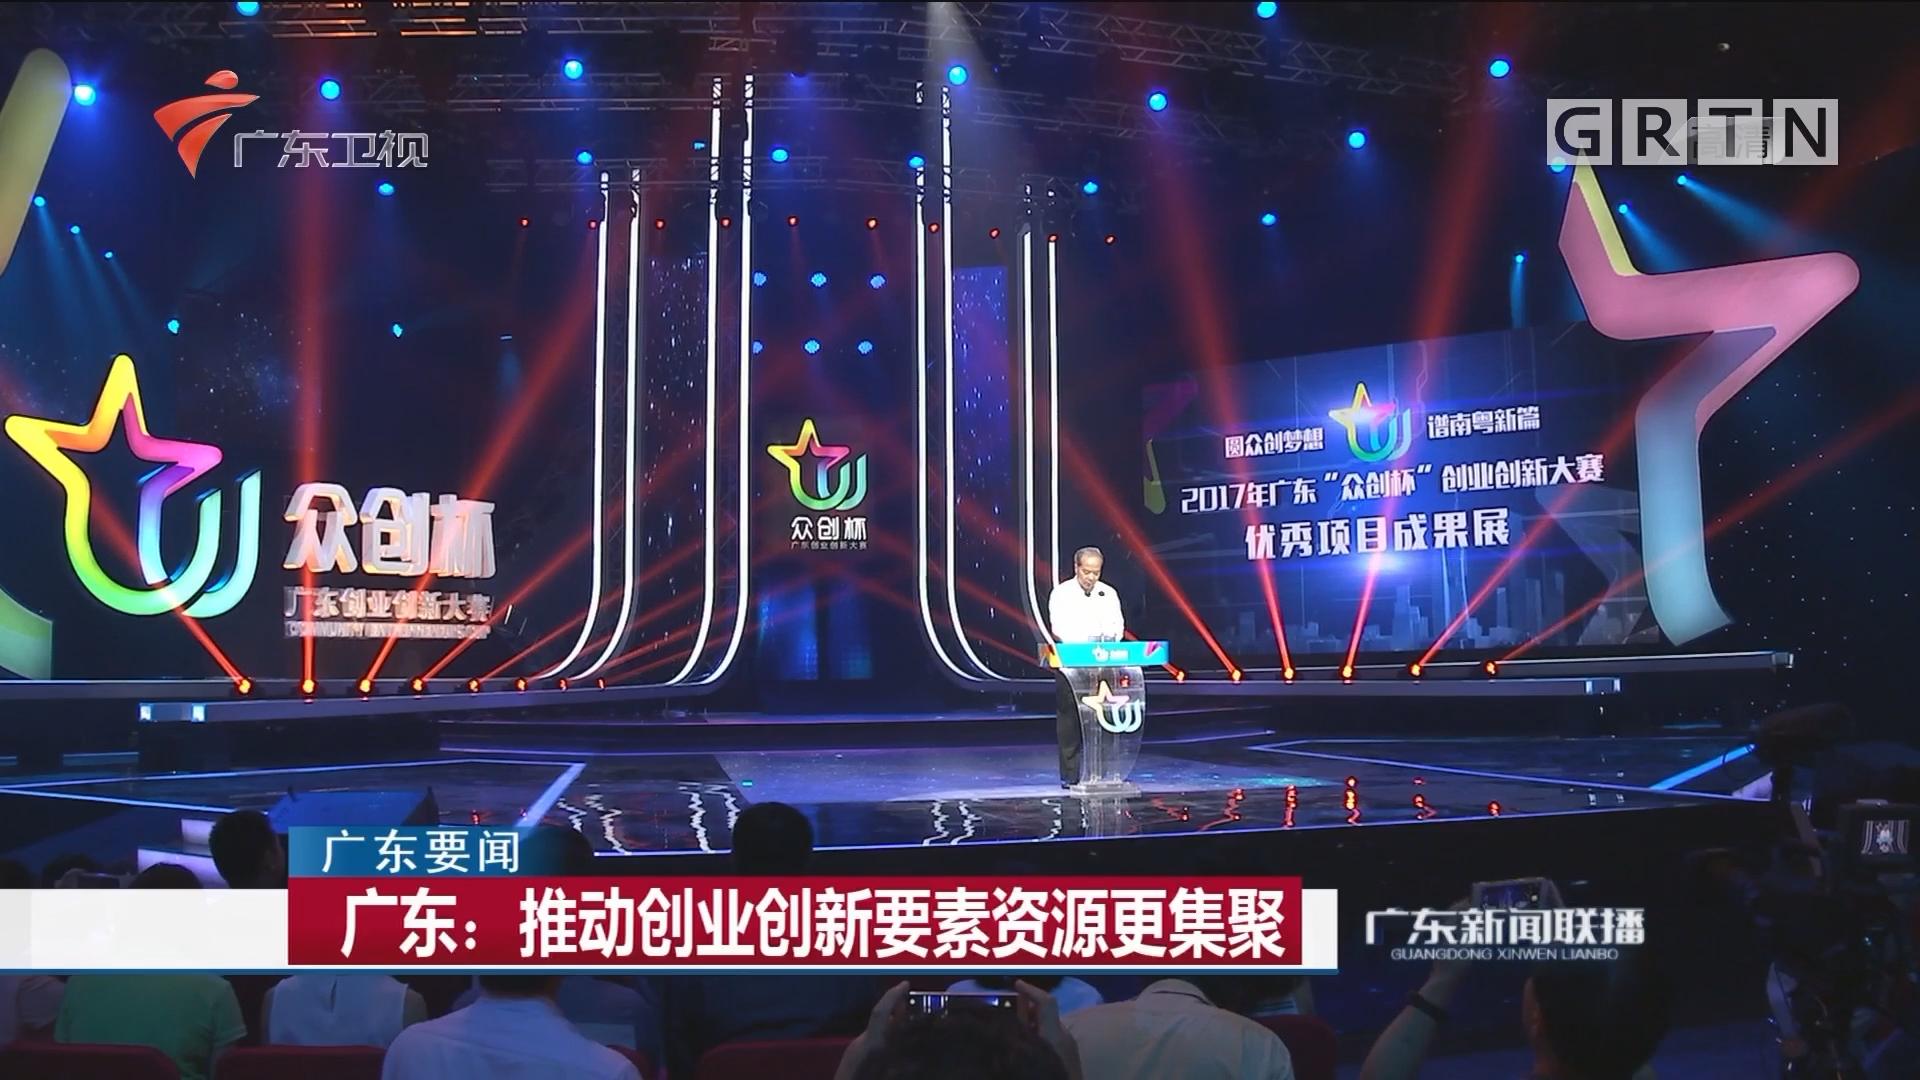 广东:推动创业创新要素资源更集聚